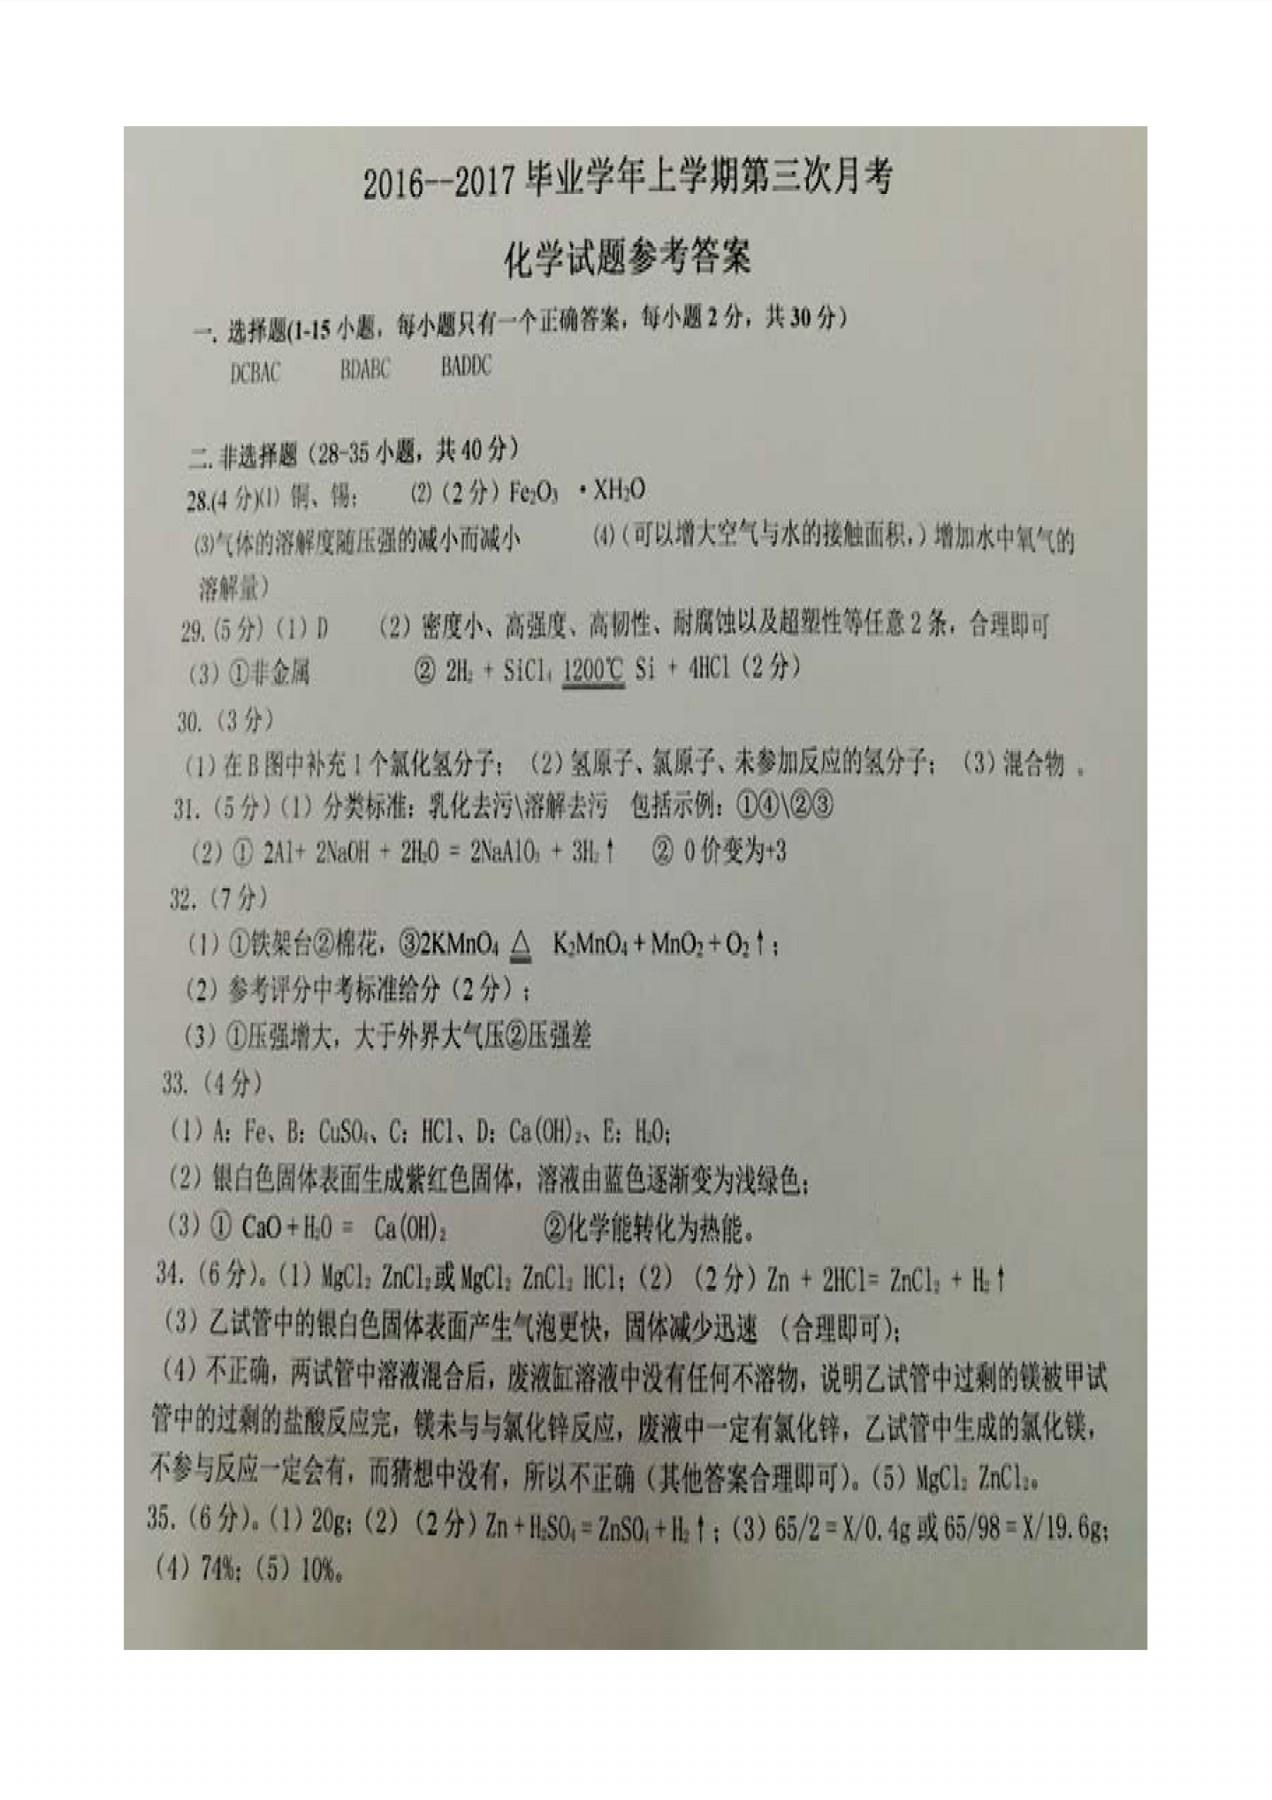 黑龙江哈尔滨双城区新兴中学2017九年级11月份化学试卷答案(图片版)